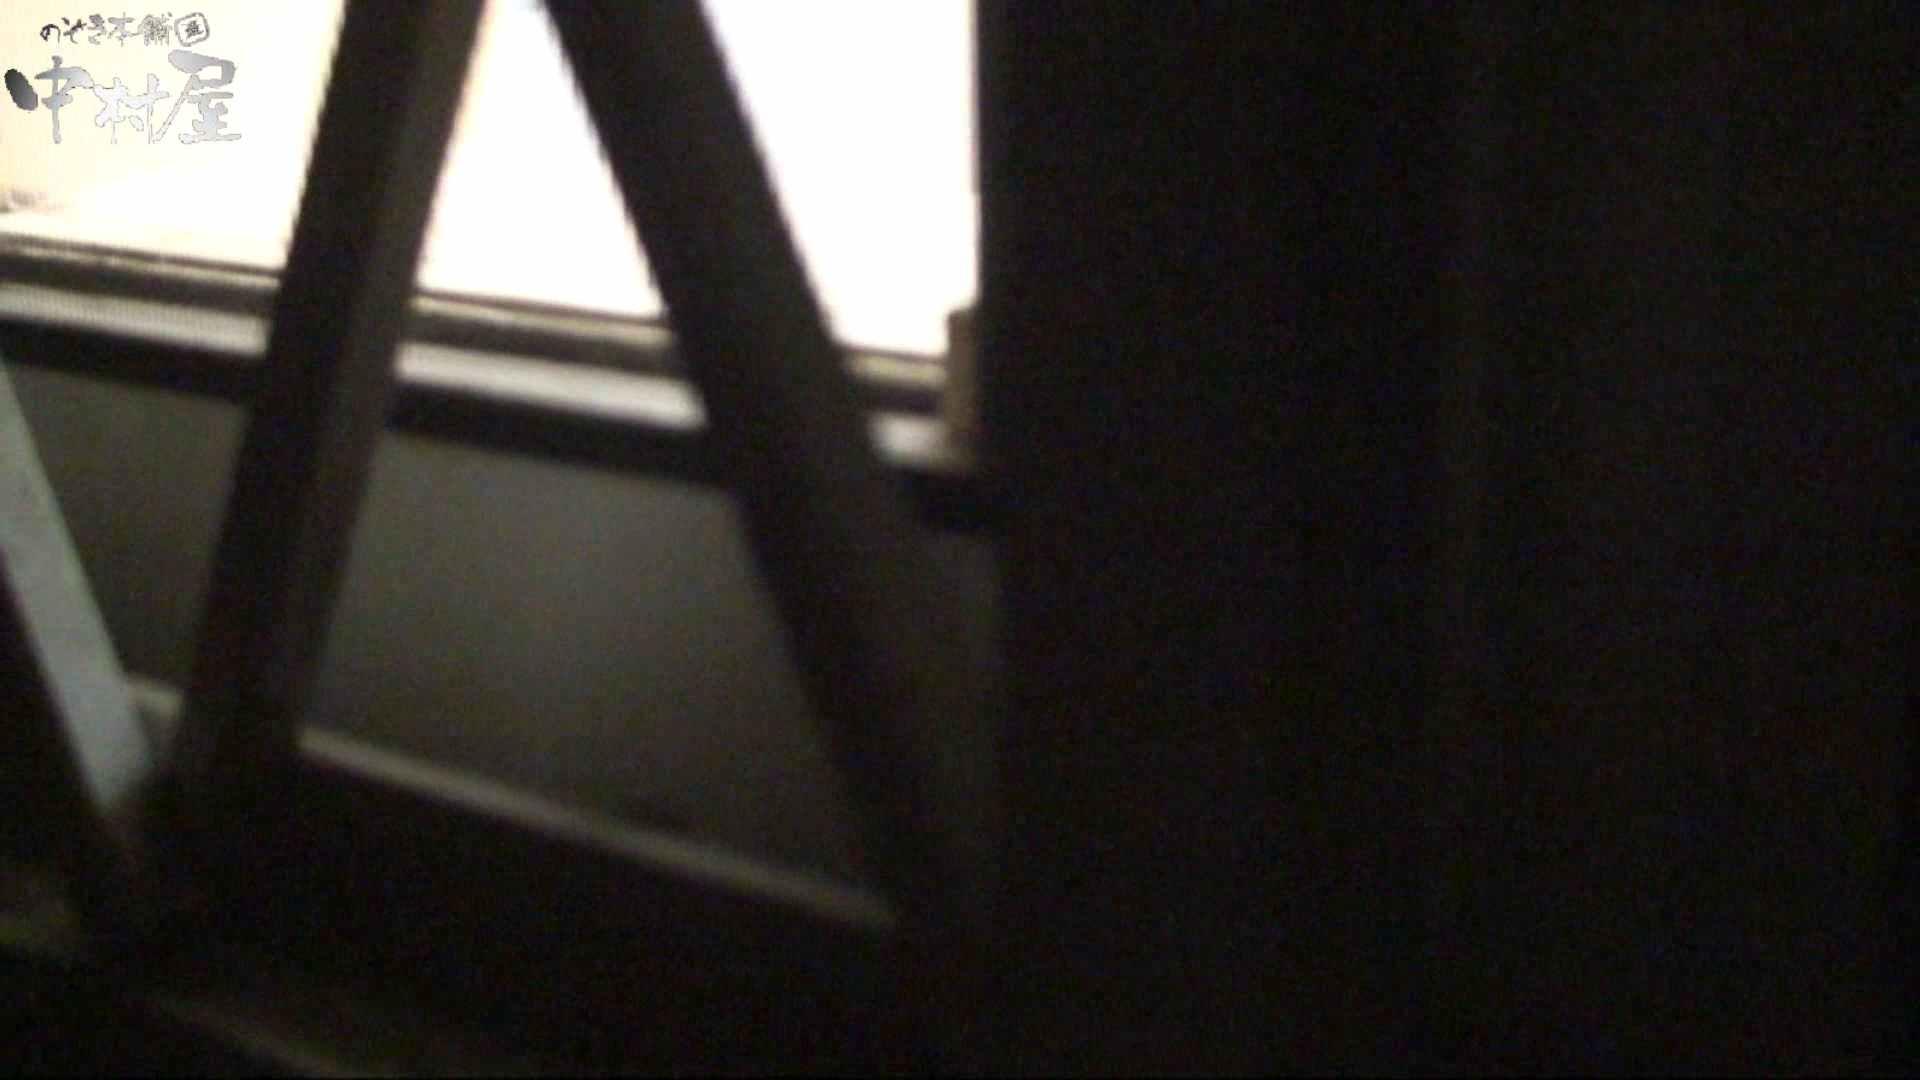 民家風呂専門盗撮師の超危険映像 vol.027 民家 のぞき動画画像 84pic 5